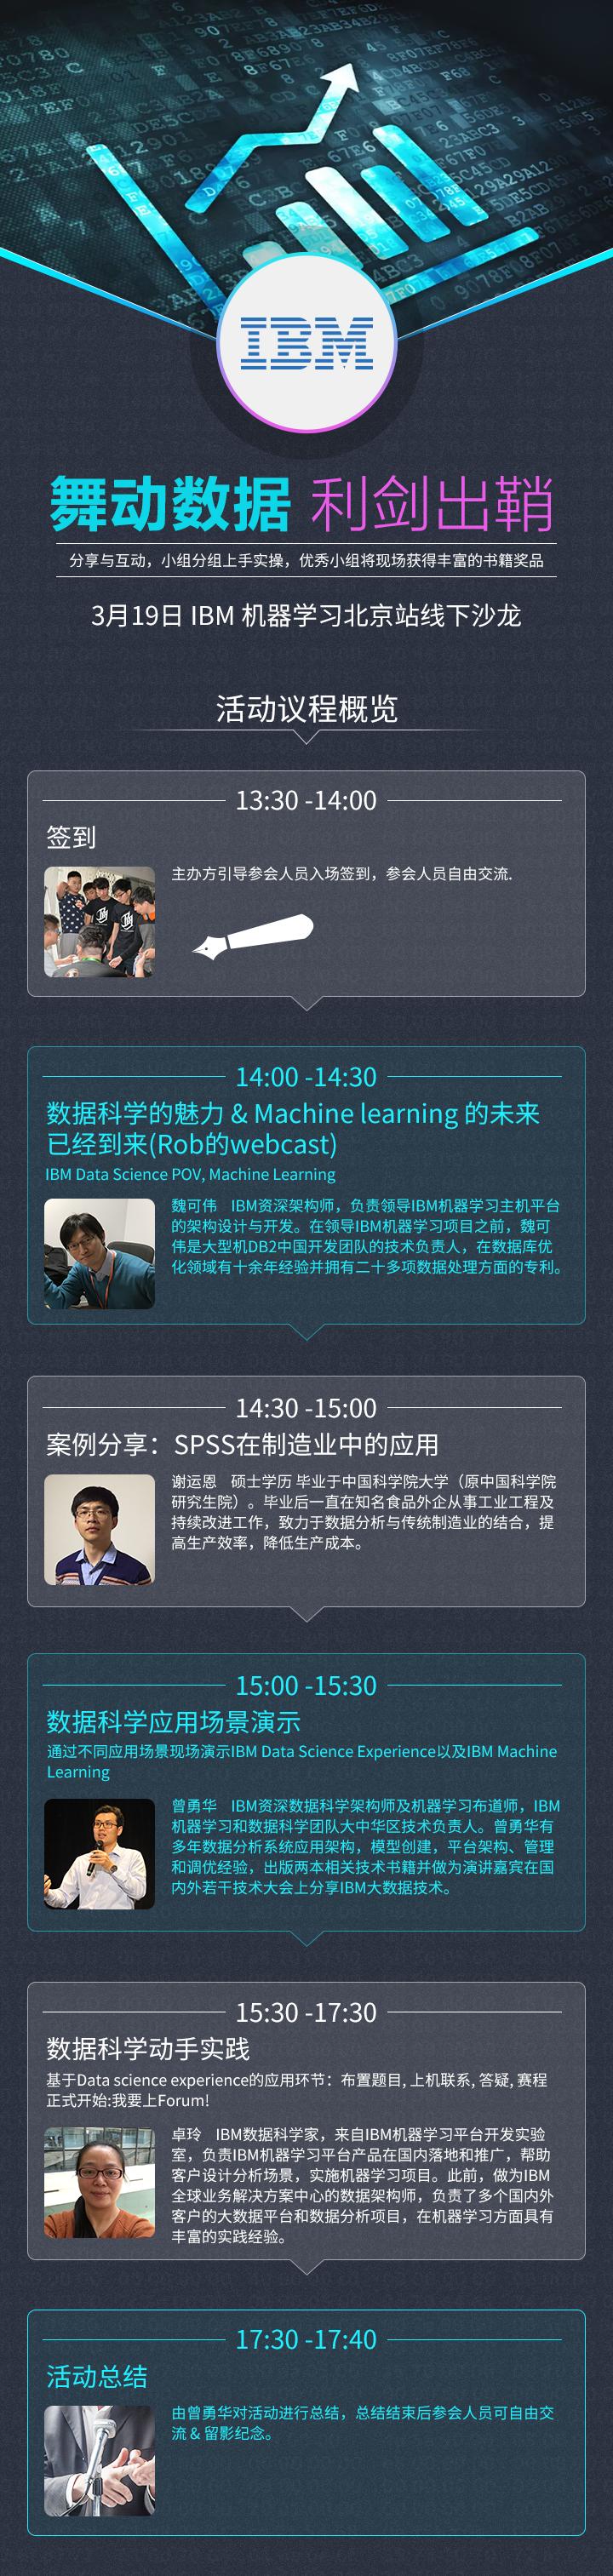 无线端:3月19日IBM北京线下活动-舞动数据-利剑出鞘!IBM-机器学习线下沙龙.png